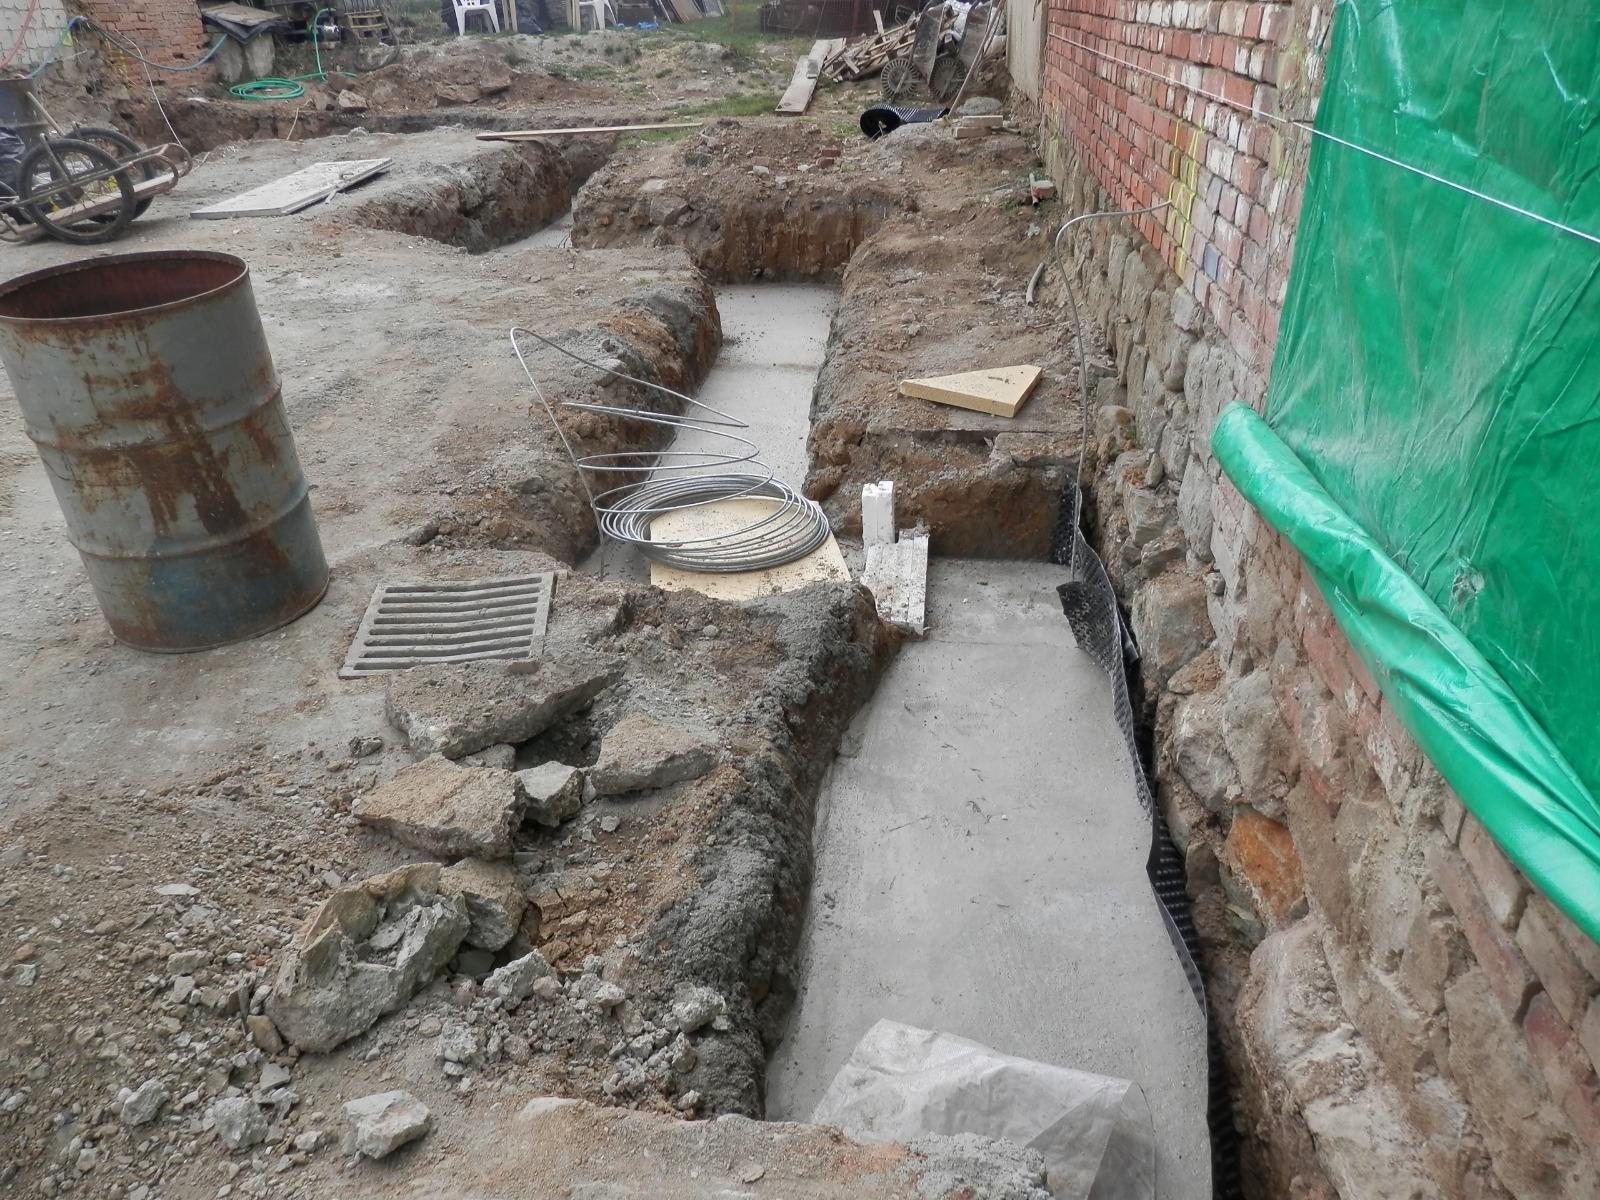 Bourání staré a stavba nové řadovky - Už se začíná rýsovat tvar domu